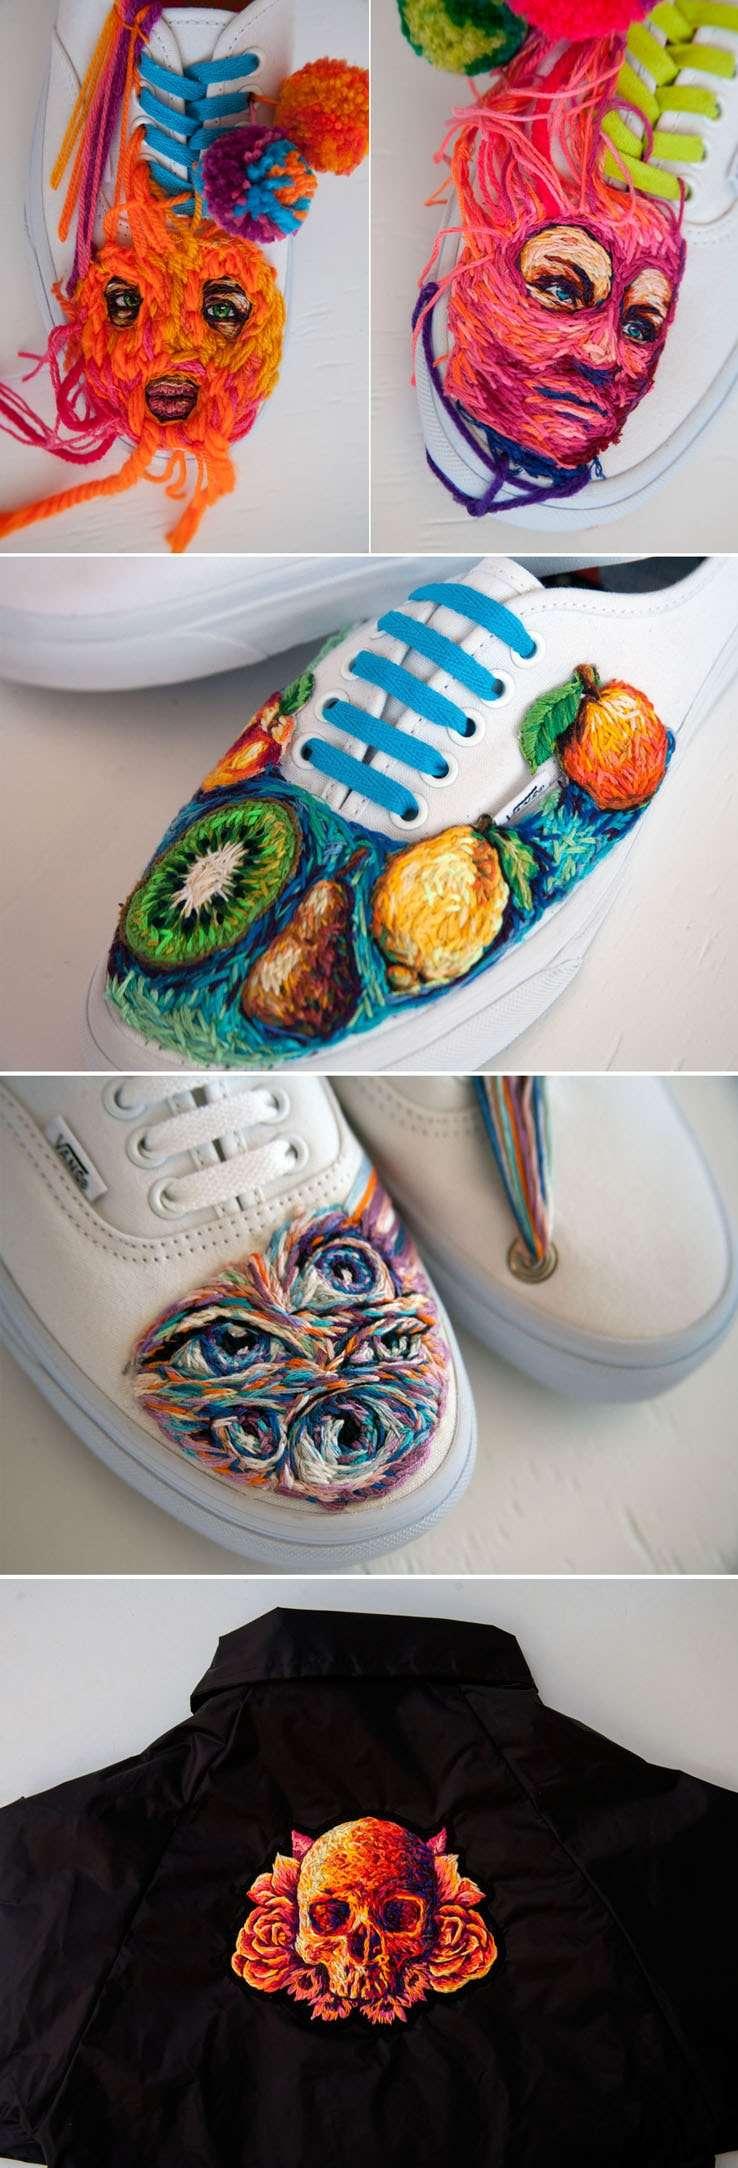 Danielle Clough cria lúdicos bordados coloridos sobre as mais variadas superfícies stylo urbano-2